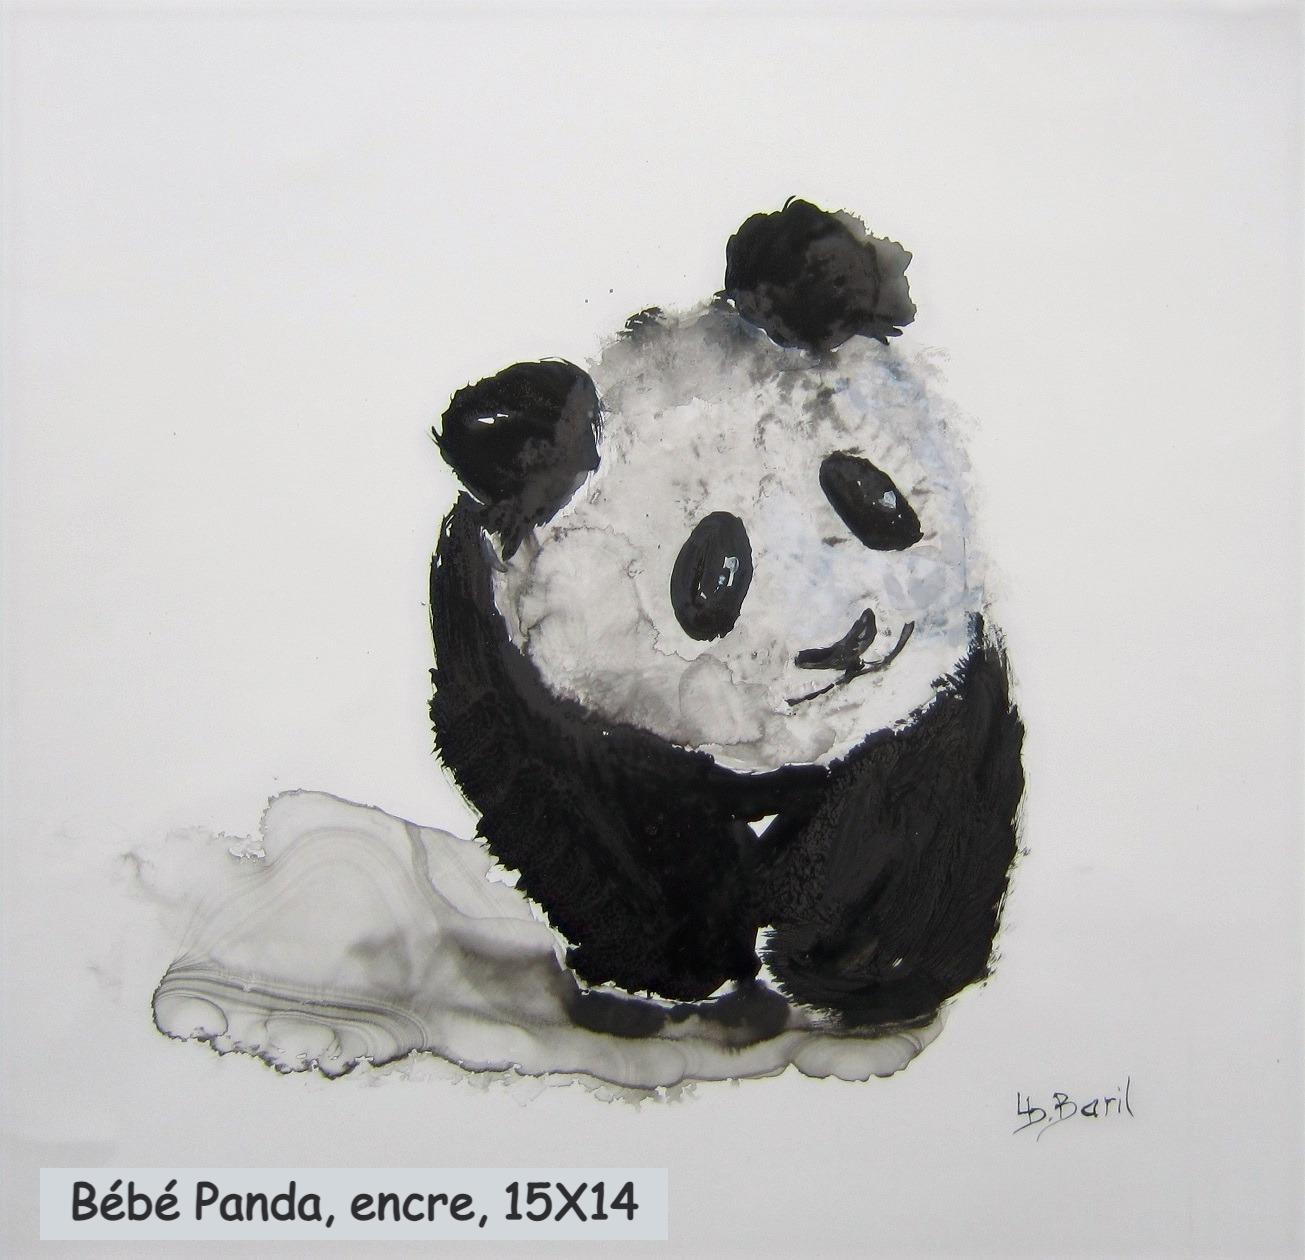 Bébé Panda, encre, 15X14